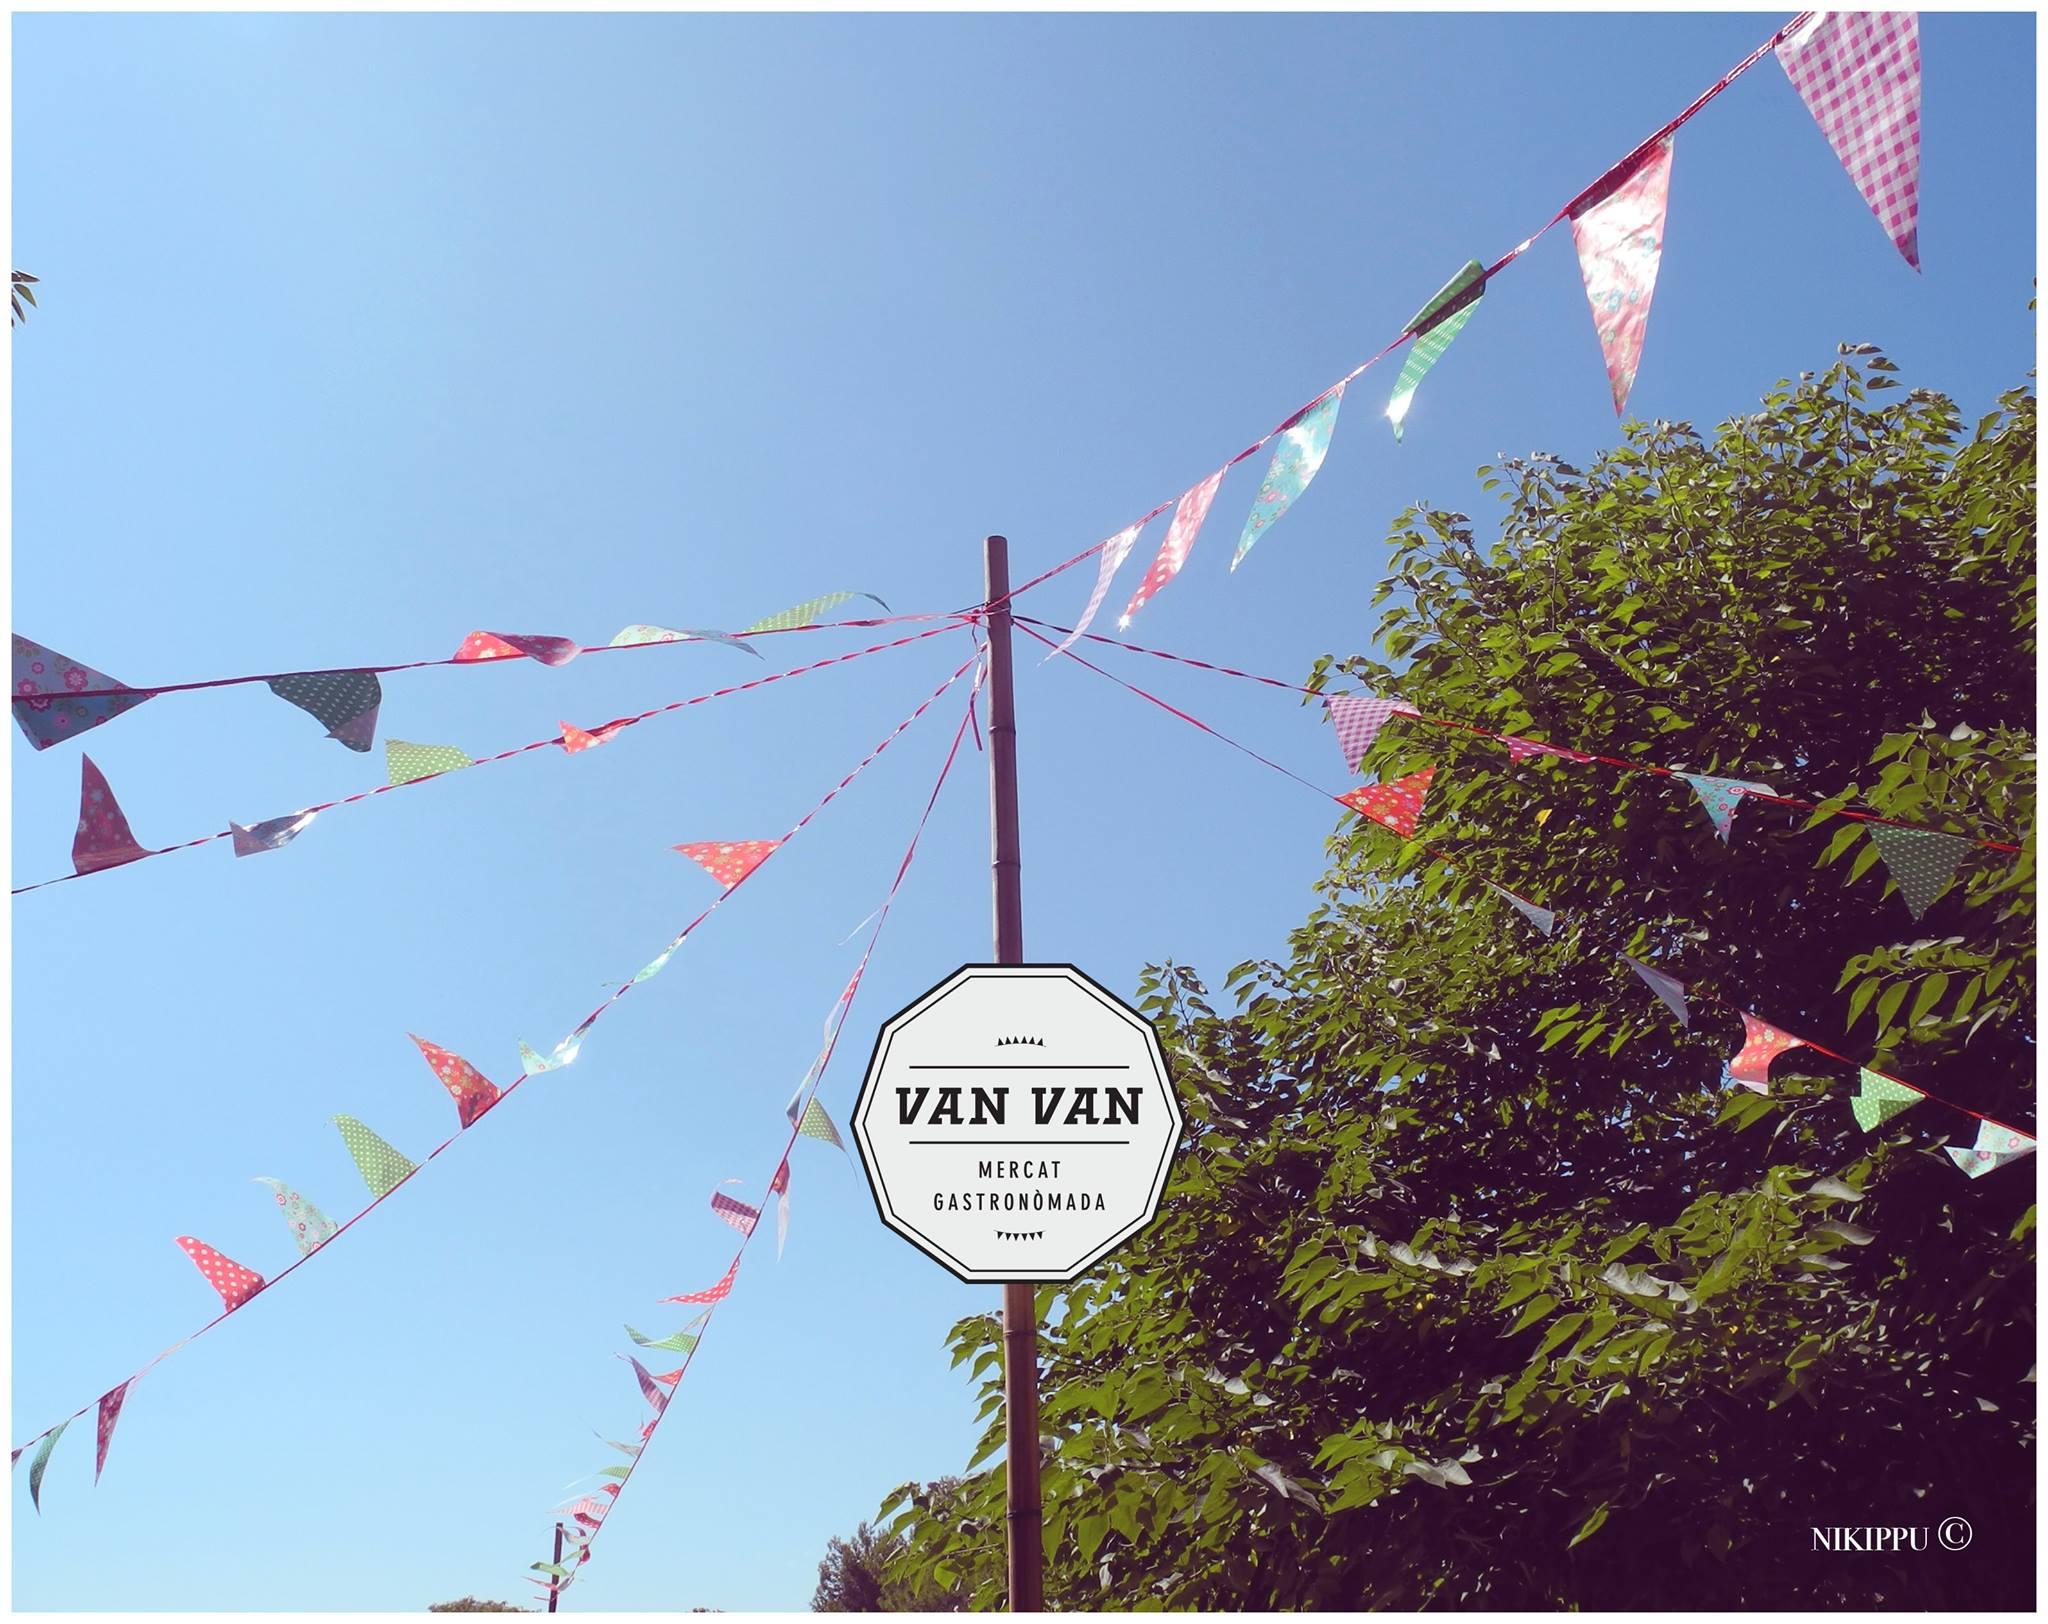 Van Van Mercat Gastronòmada, street food, Lost&Found Market 28 y 29 de marzo